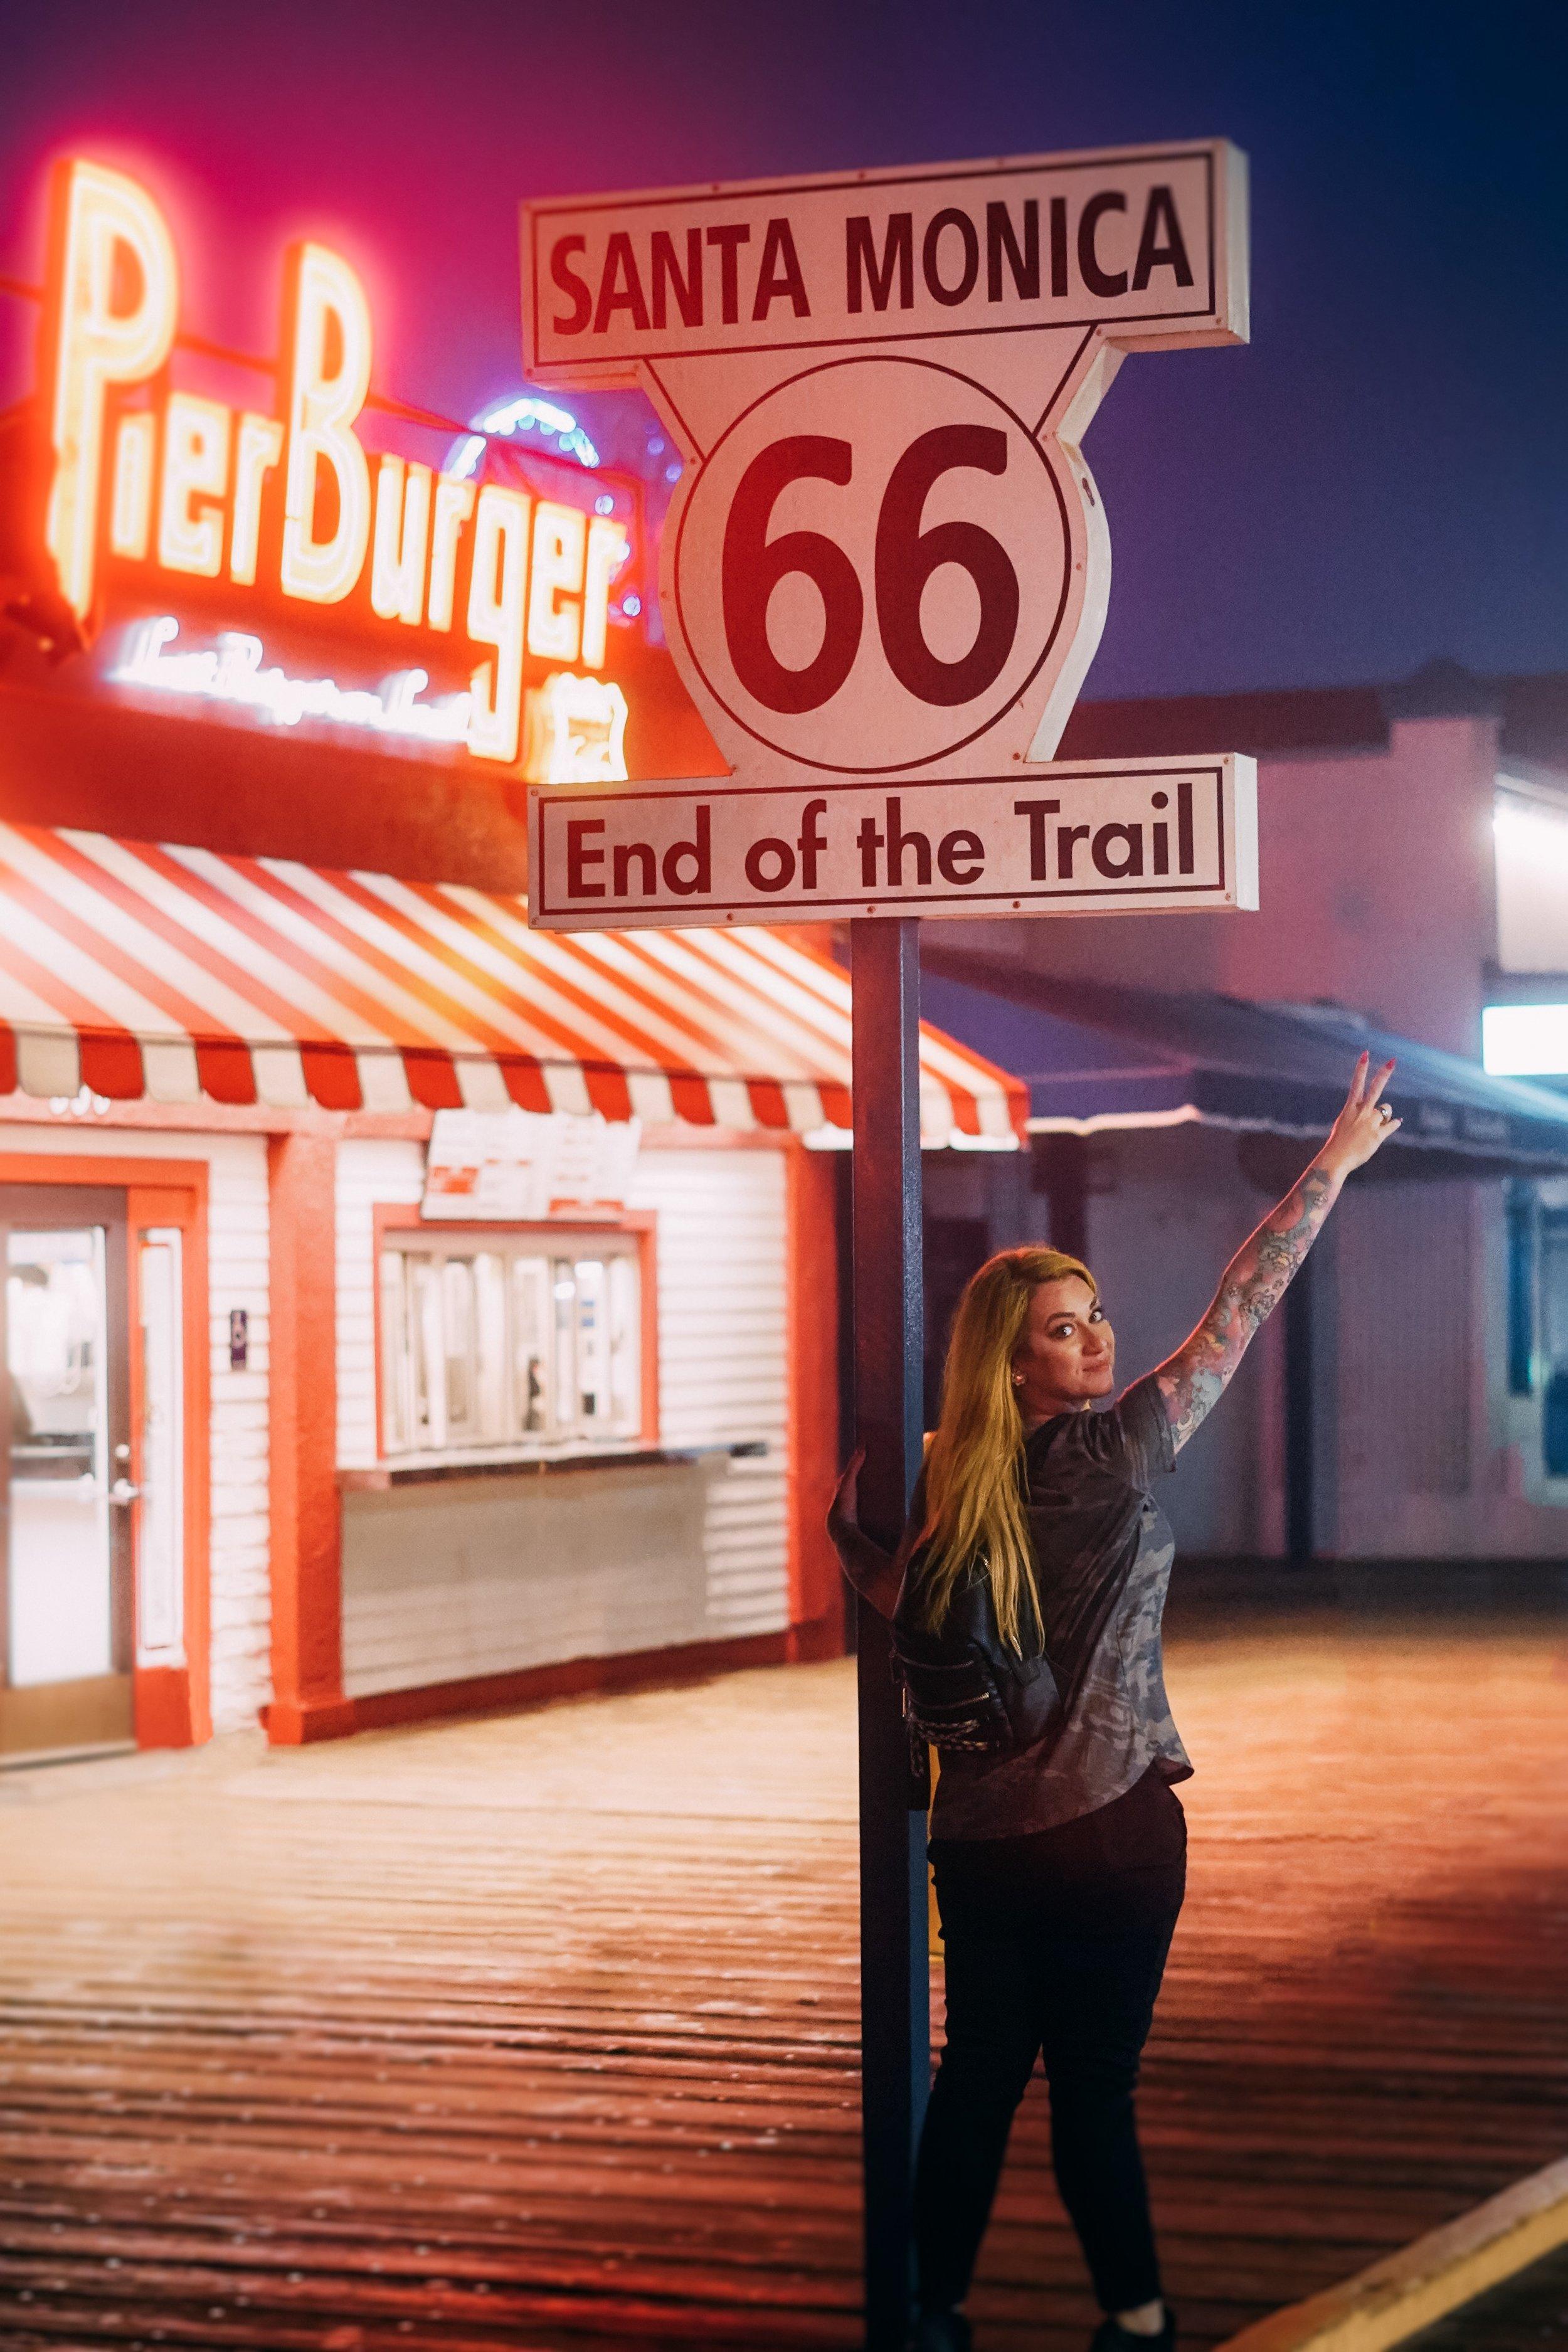 End of Route 66-Santa Monica California-The Chaos Collective